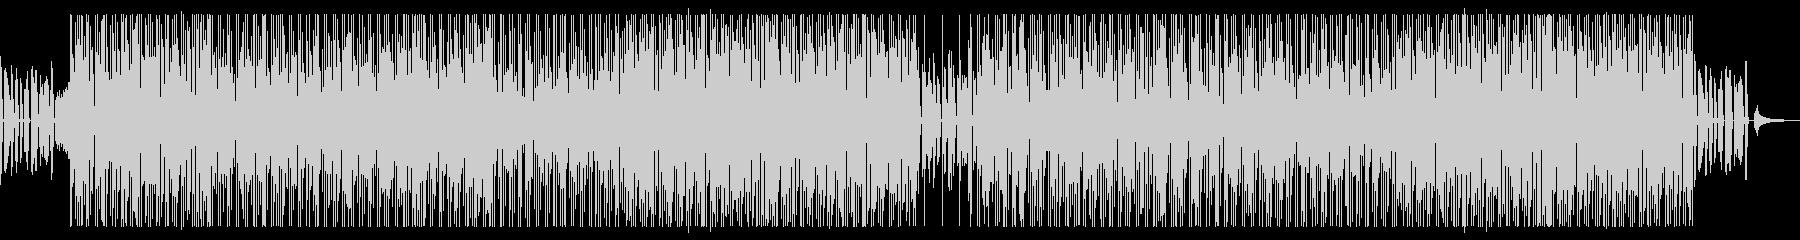 爽やかなボサノバ調の未再生の波形